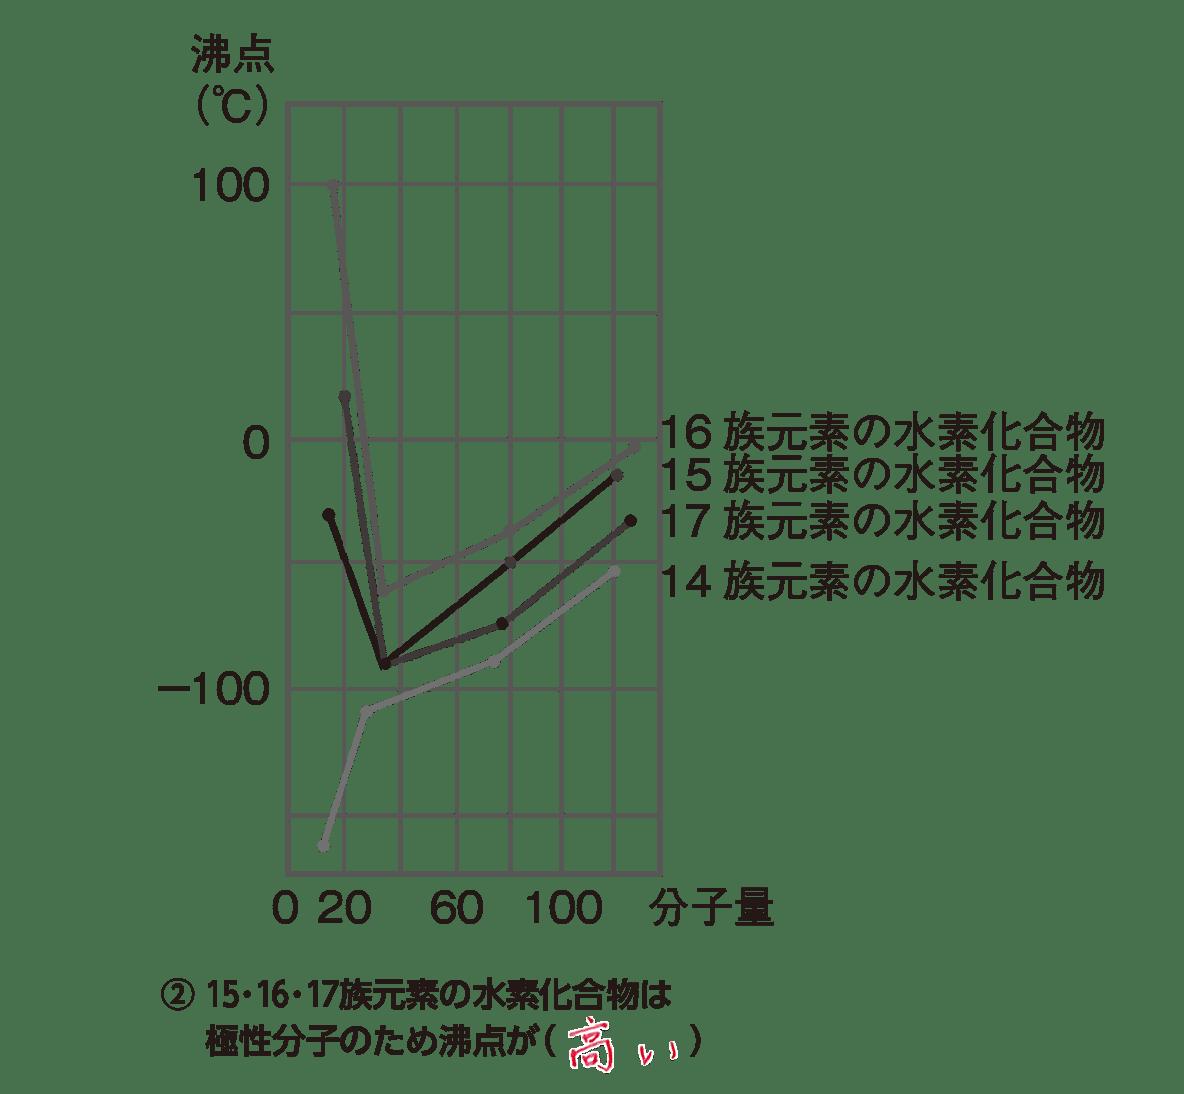 高校化学 物質の状態と平衡3 ポイント1図とPOINT②のみ